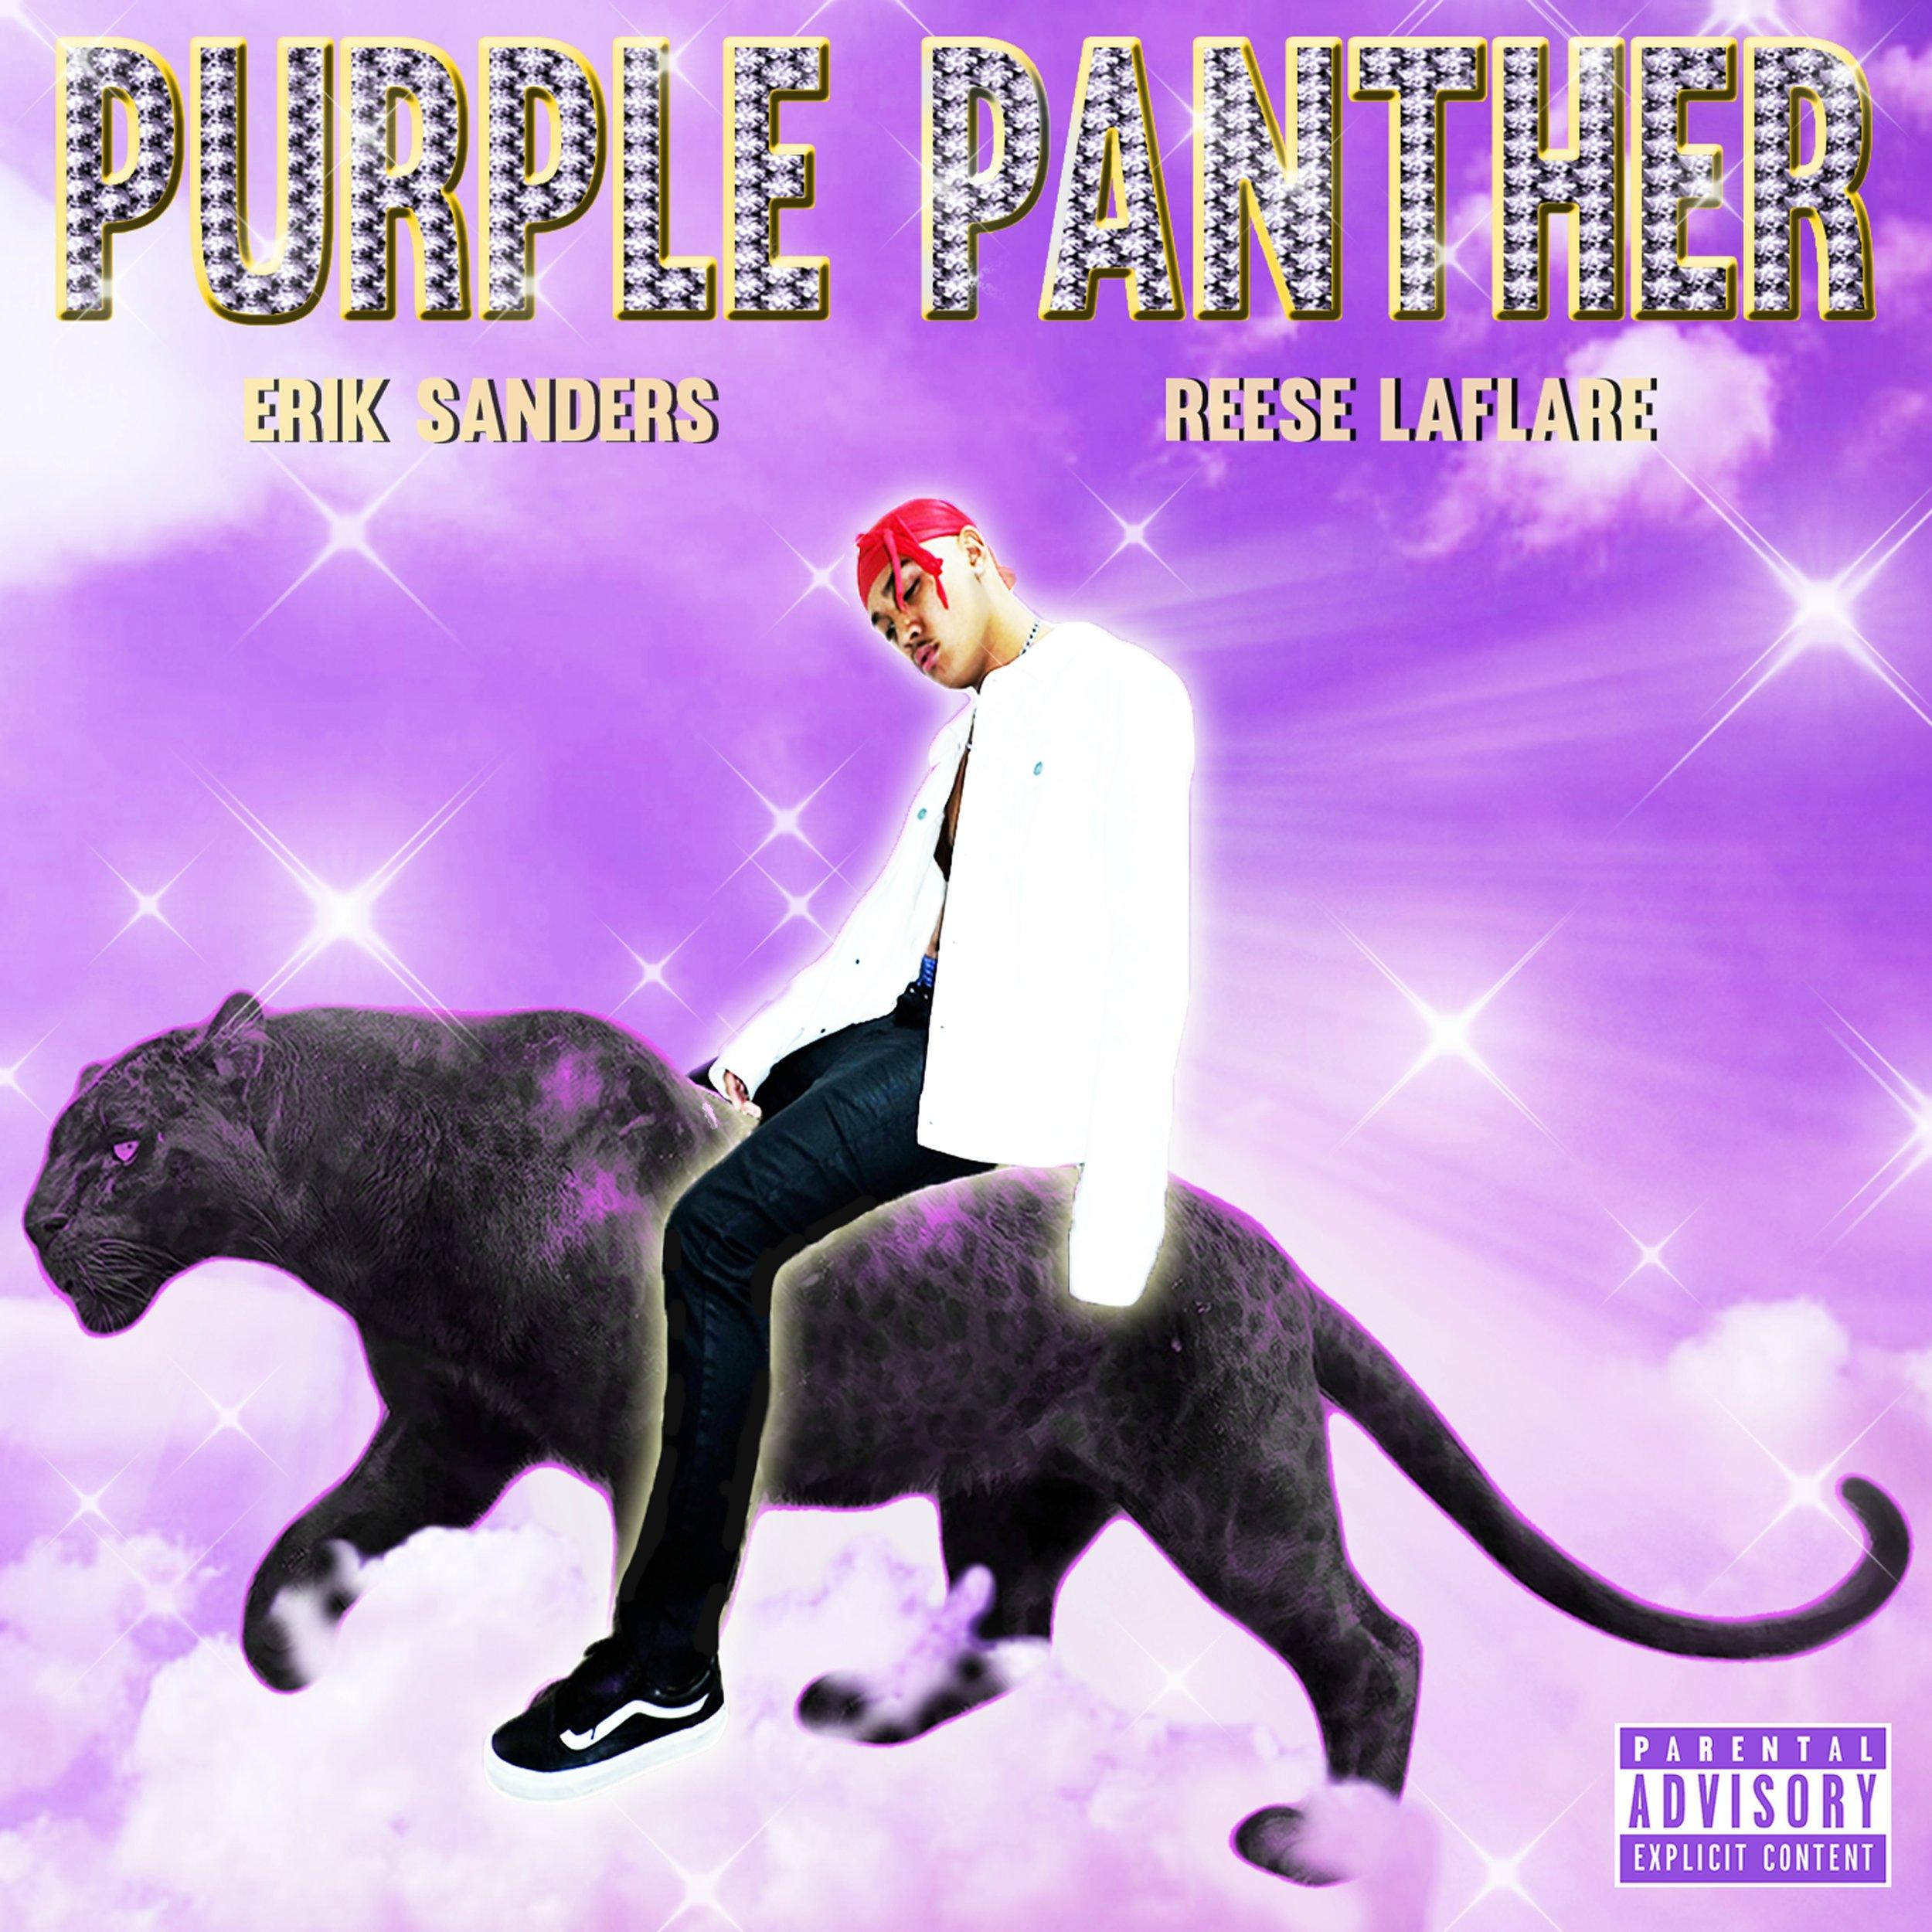 WVS017 - Erik Sanders - Purple Panther - Artwork.jpg